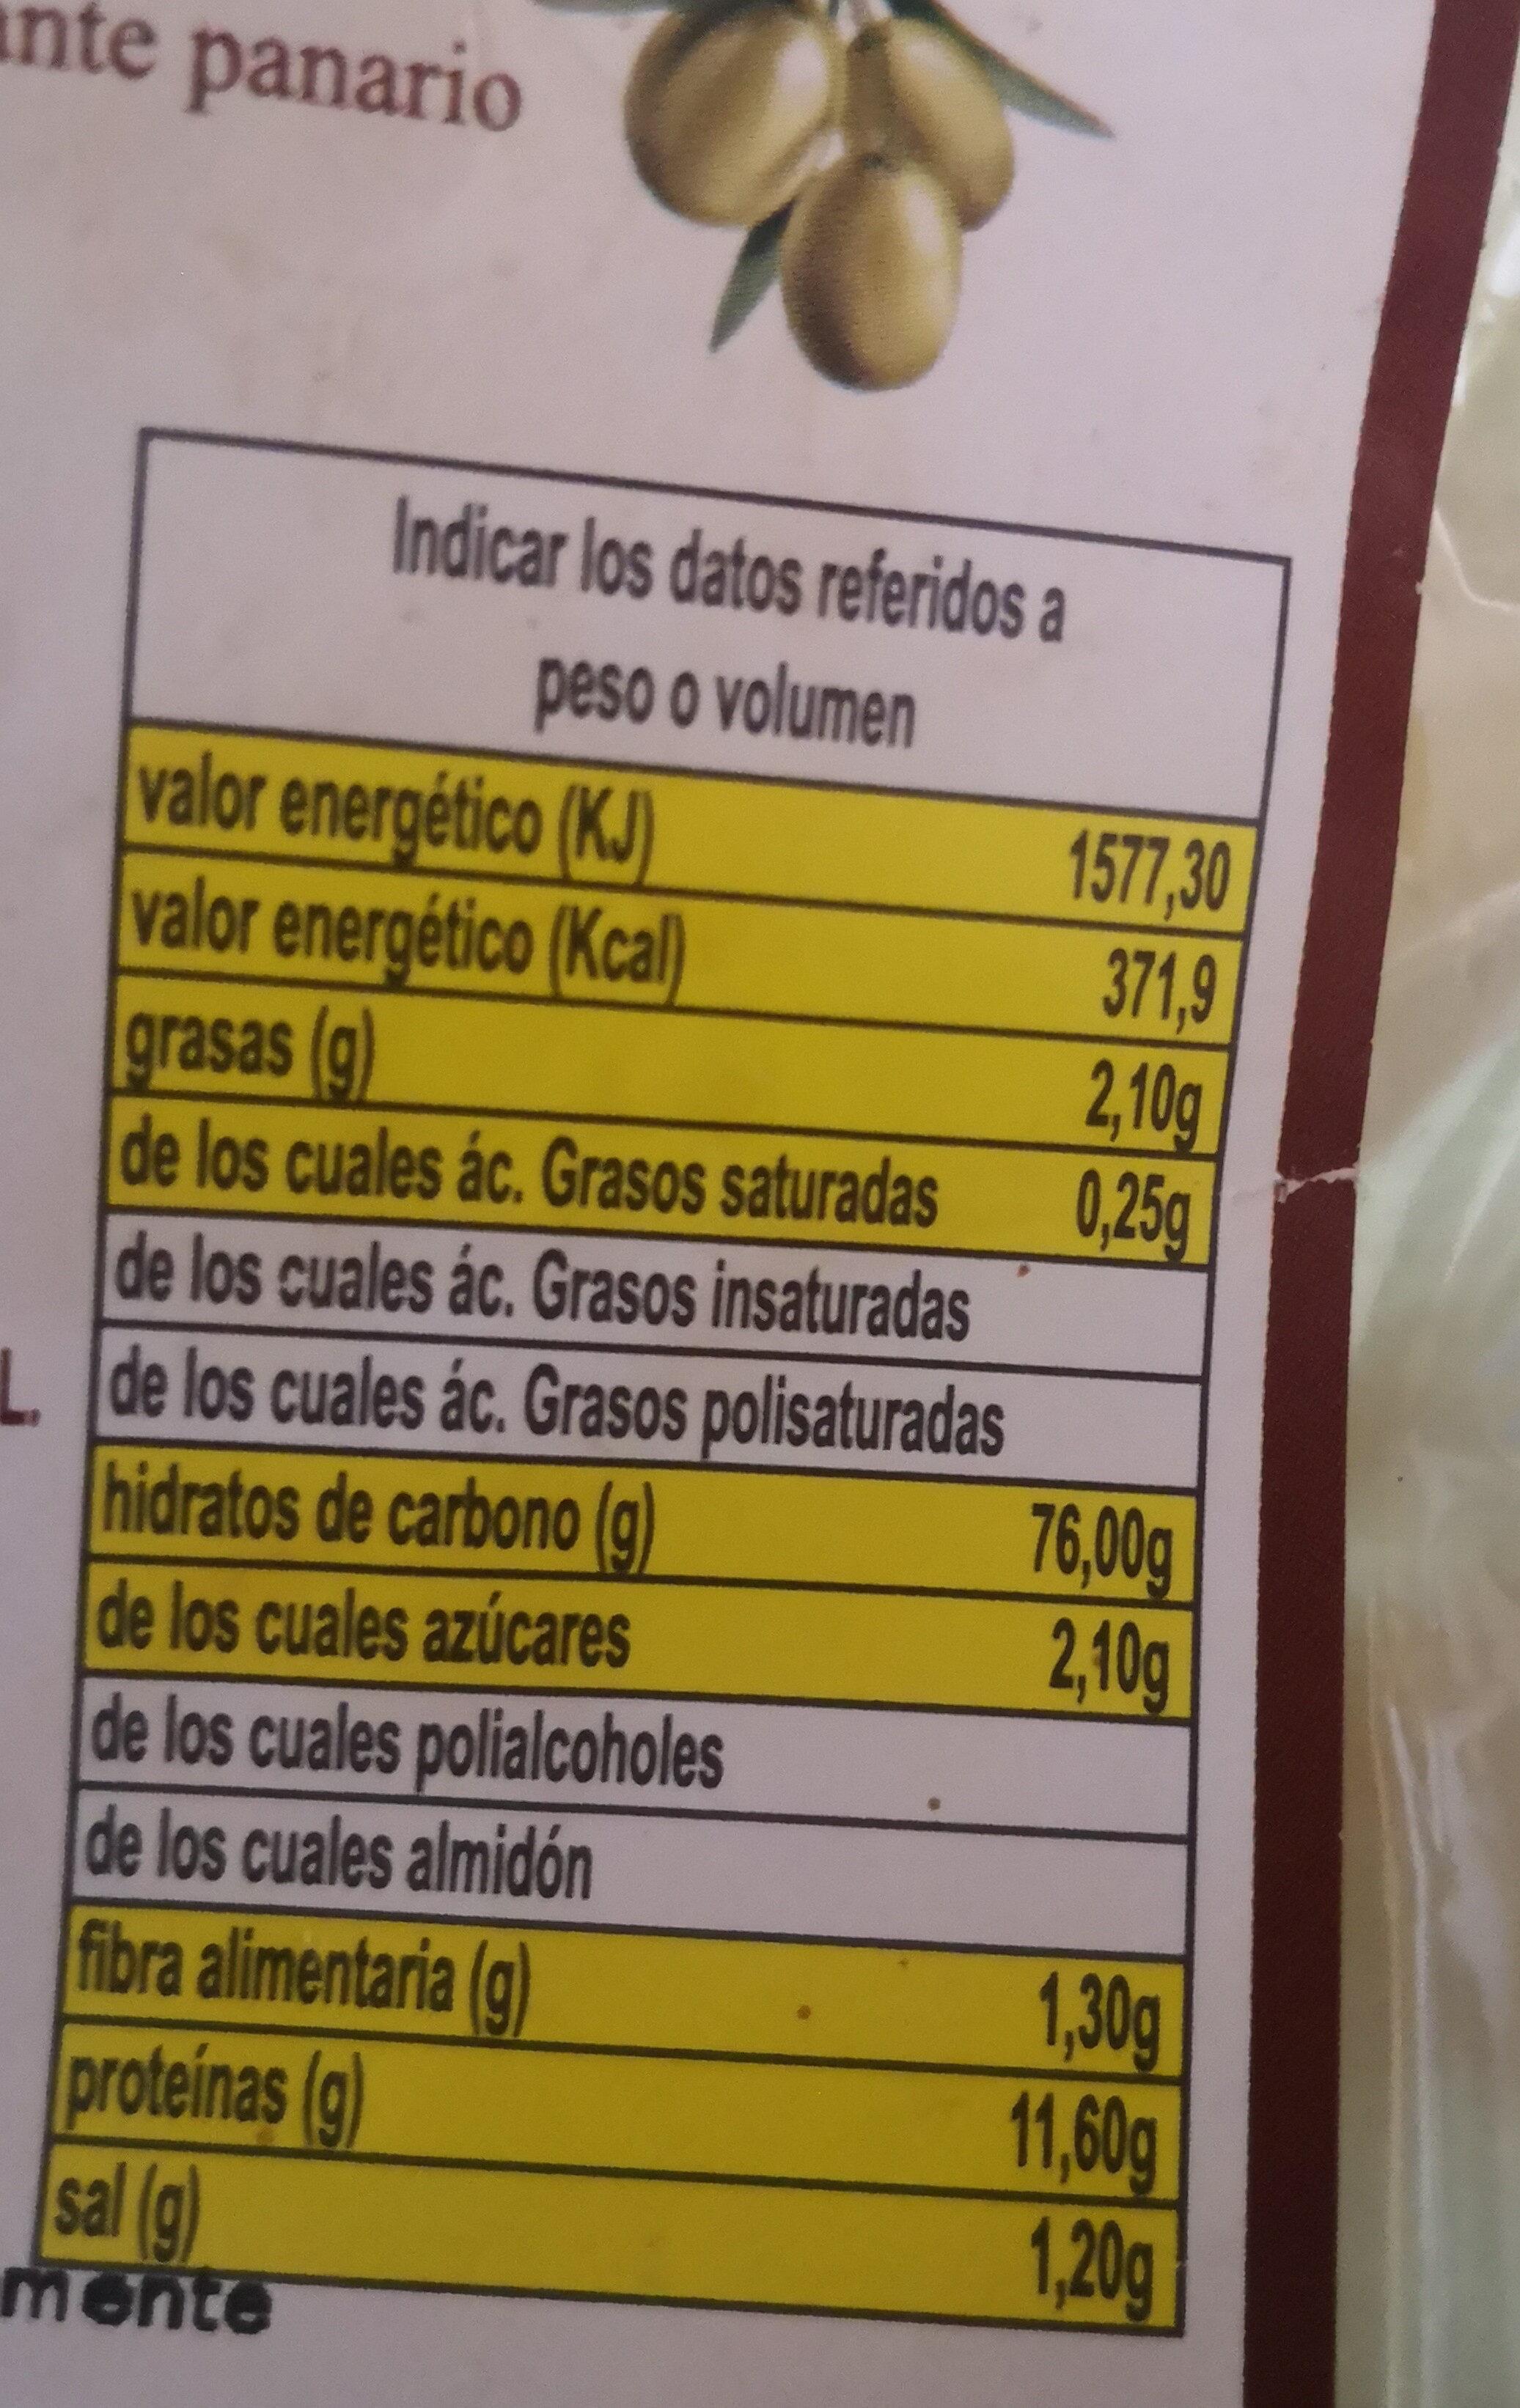 Regaña Ajonjolí - Información nutricional - es